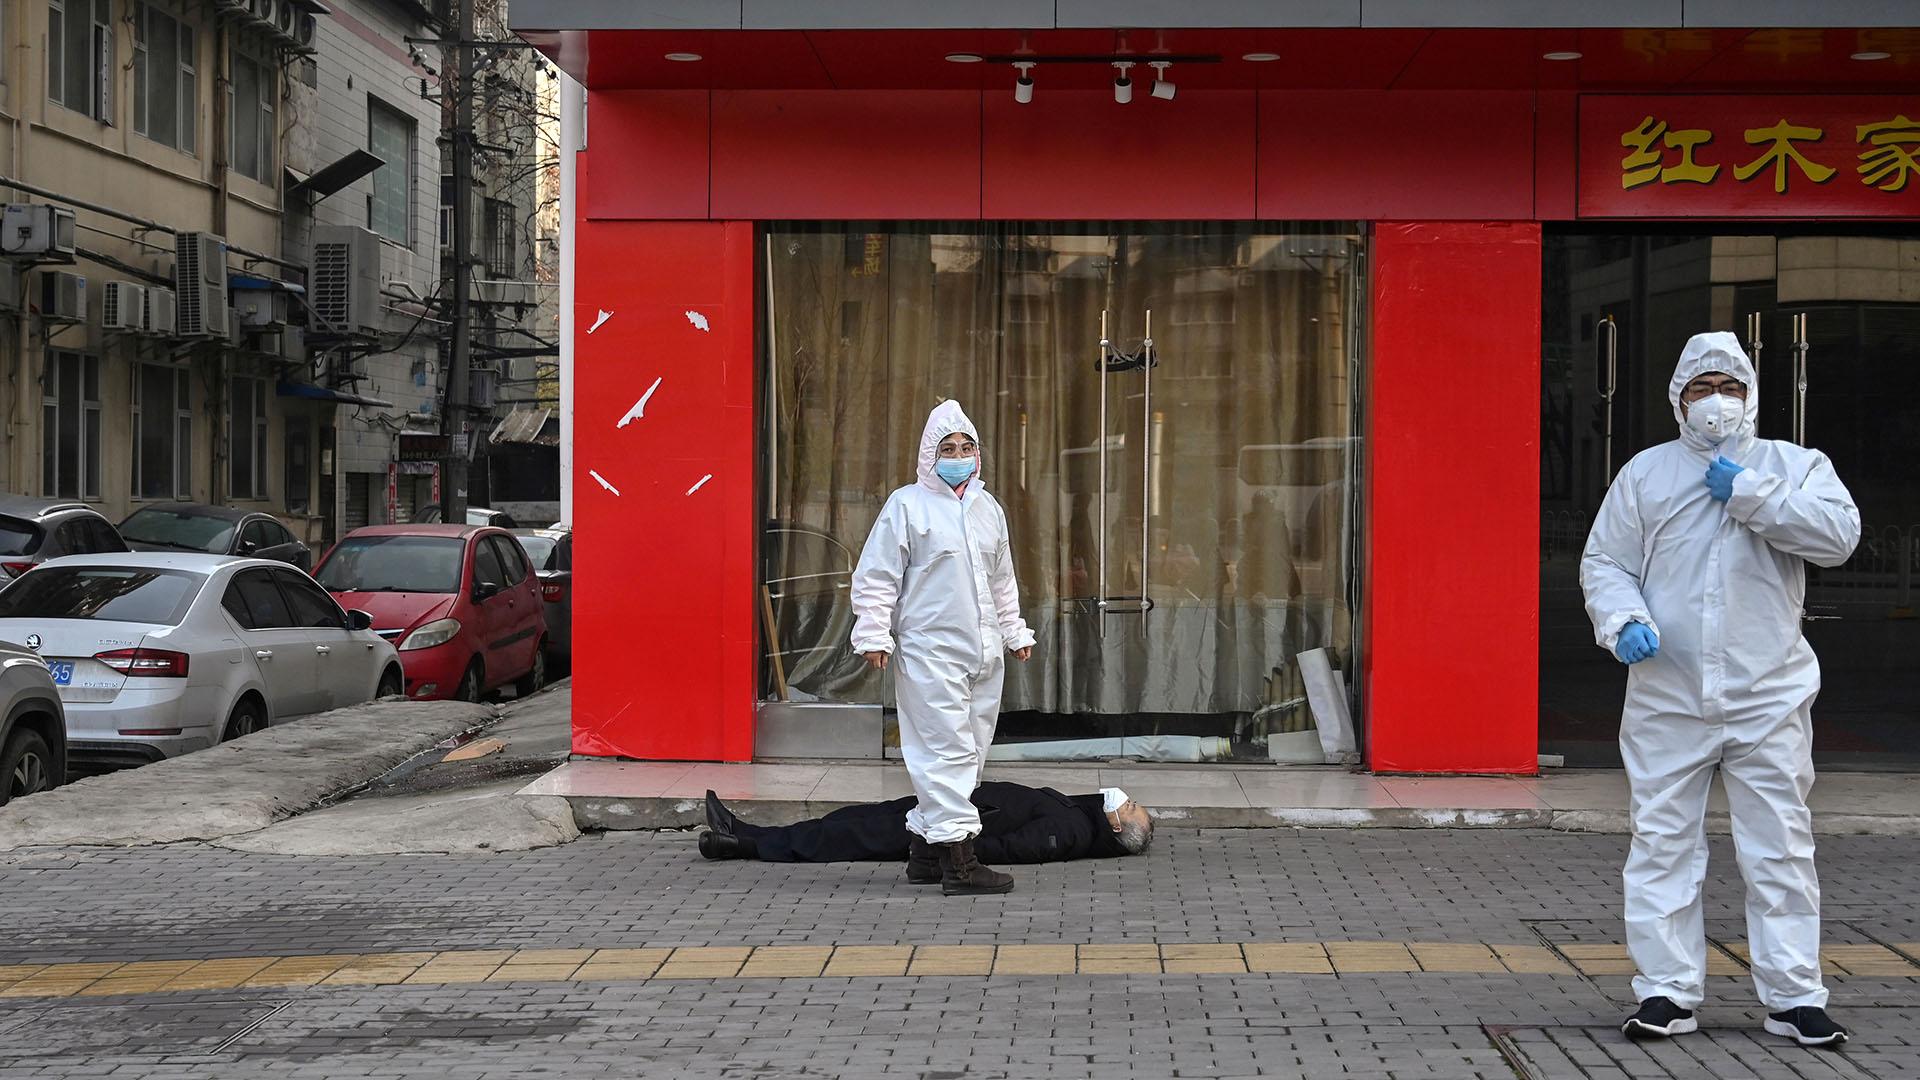 El mundo está en alerta por la enfermedad (Héctor RETAMAL / AFP)